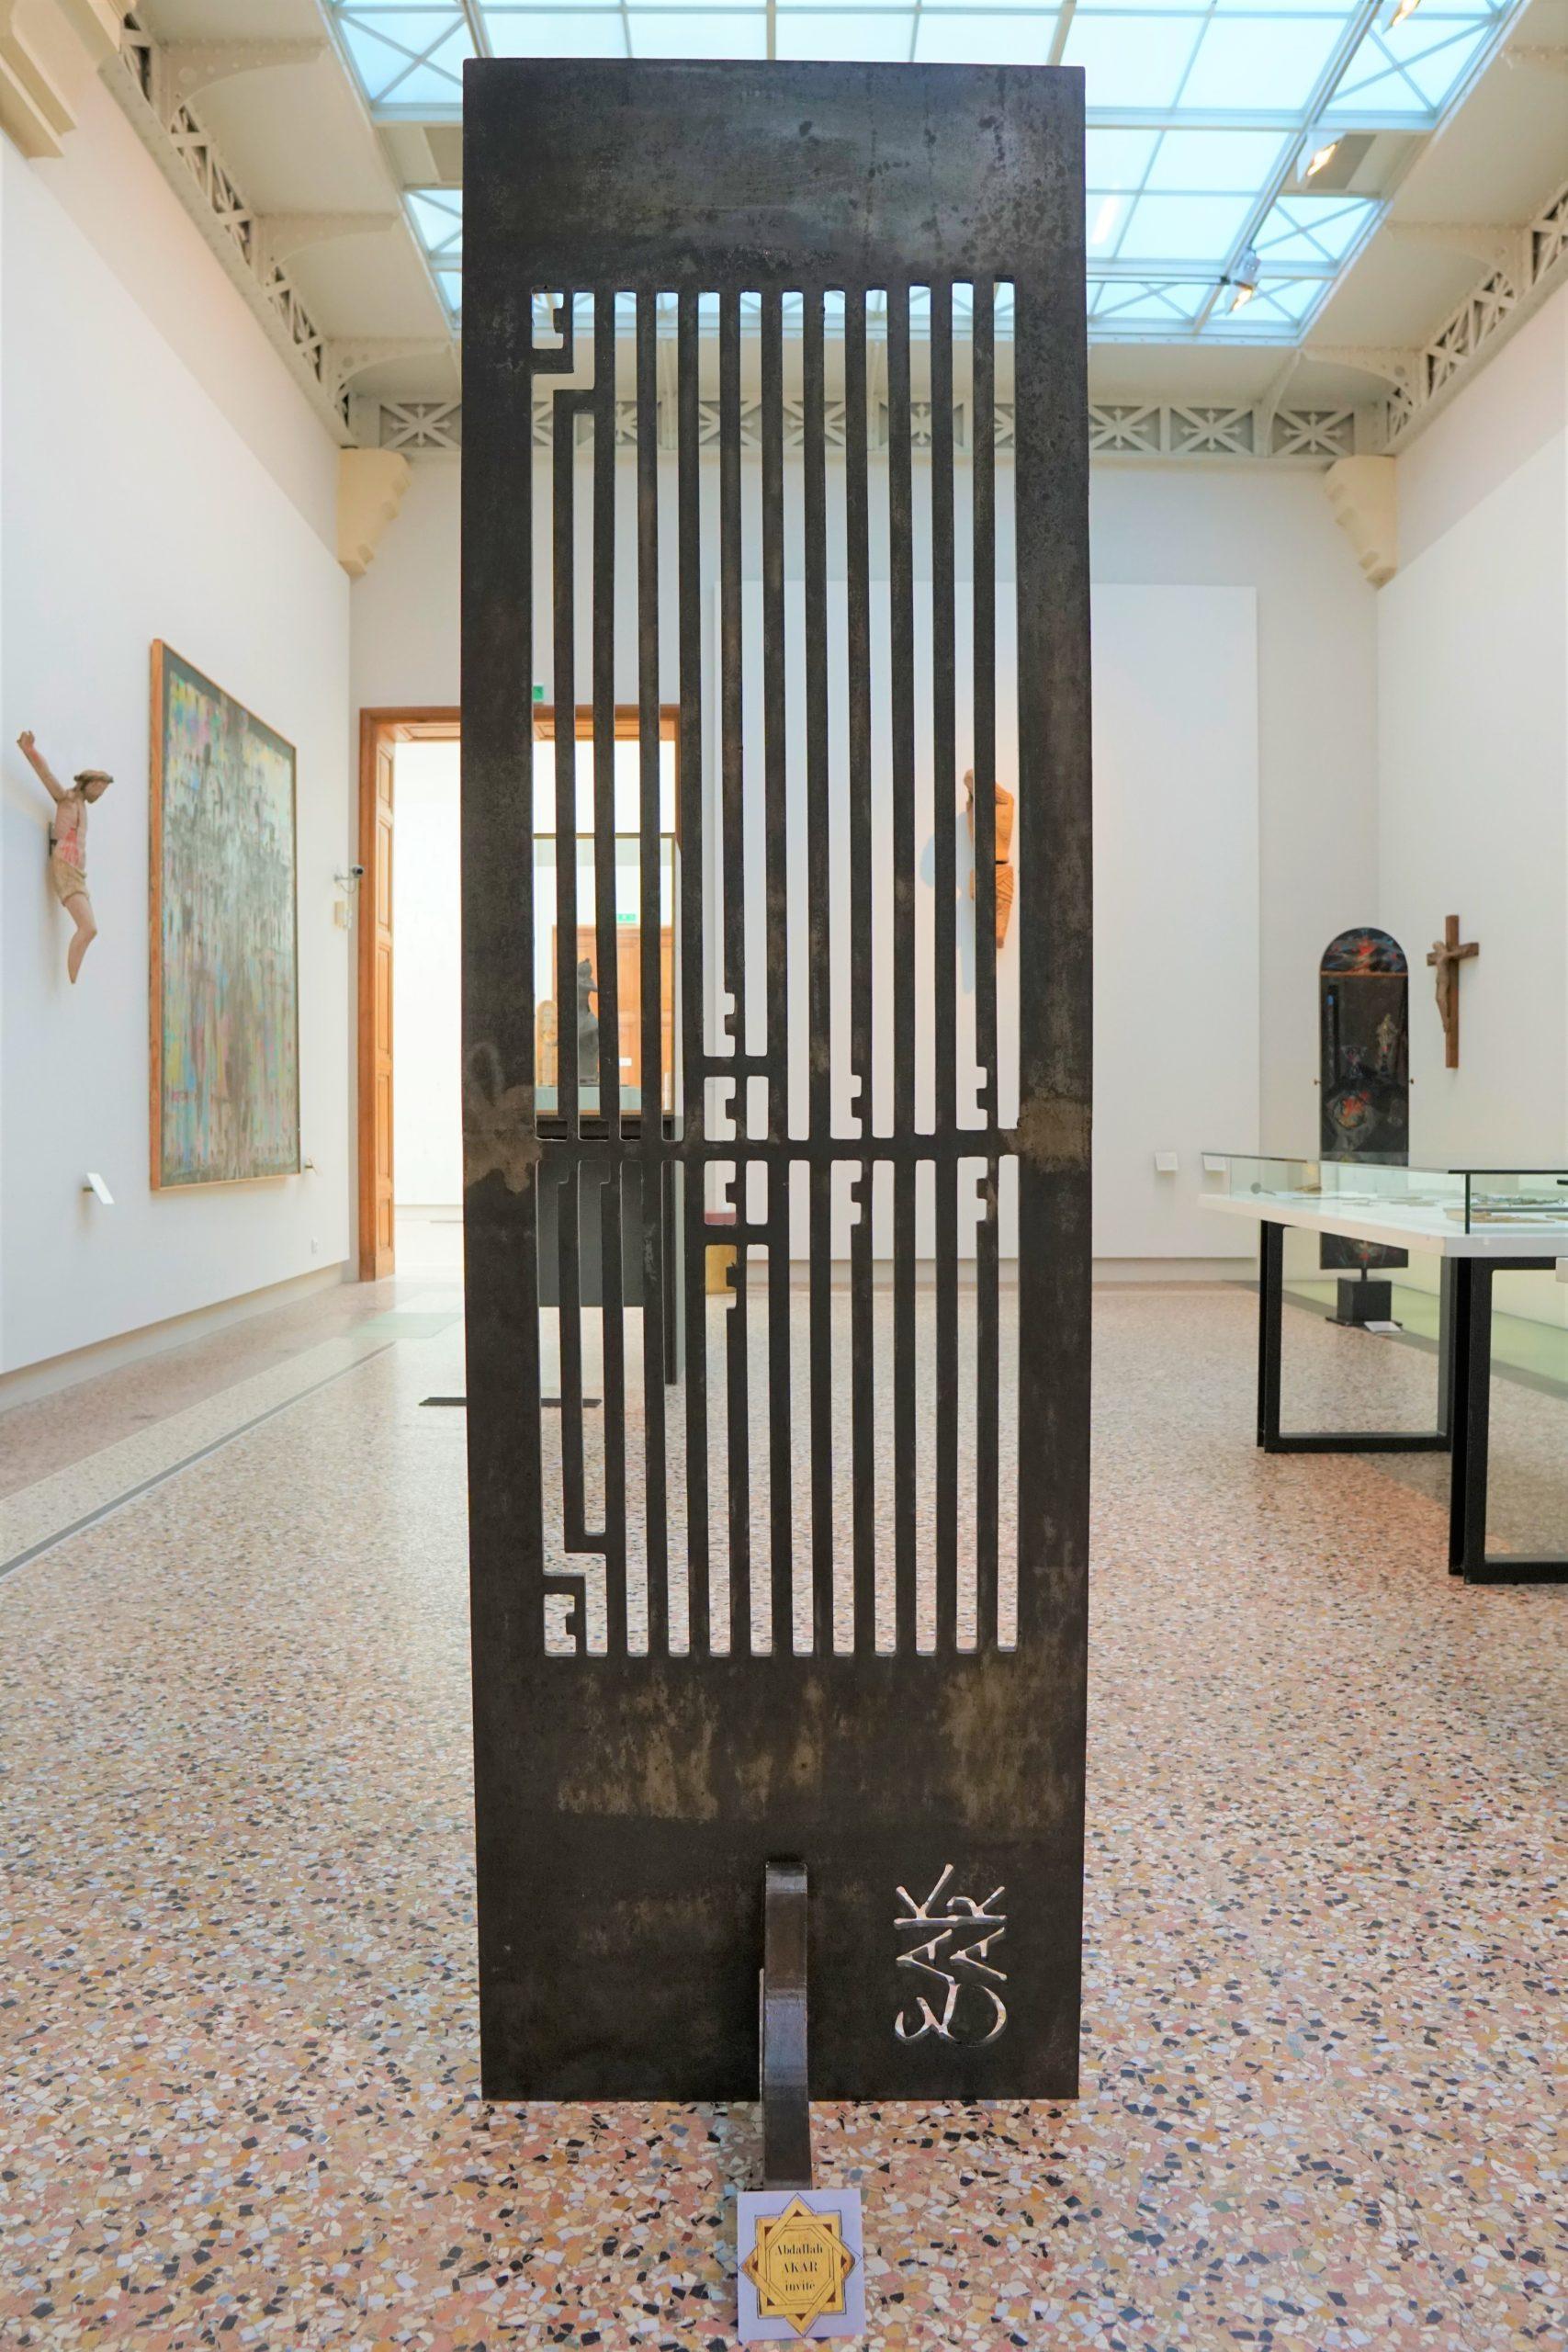 """Stèle, Chahada ou Profession de foi : """"J'atteste qu'il n'y a pas de divinité en dehors de Dieu"""", fer ajouré, 200 x 60 cm"""